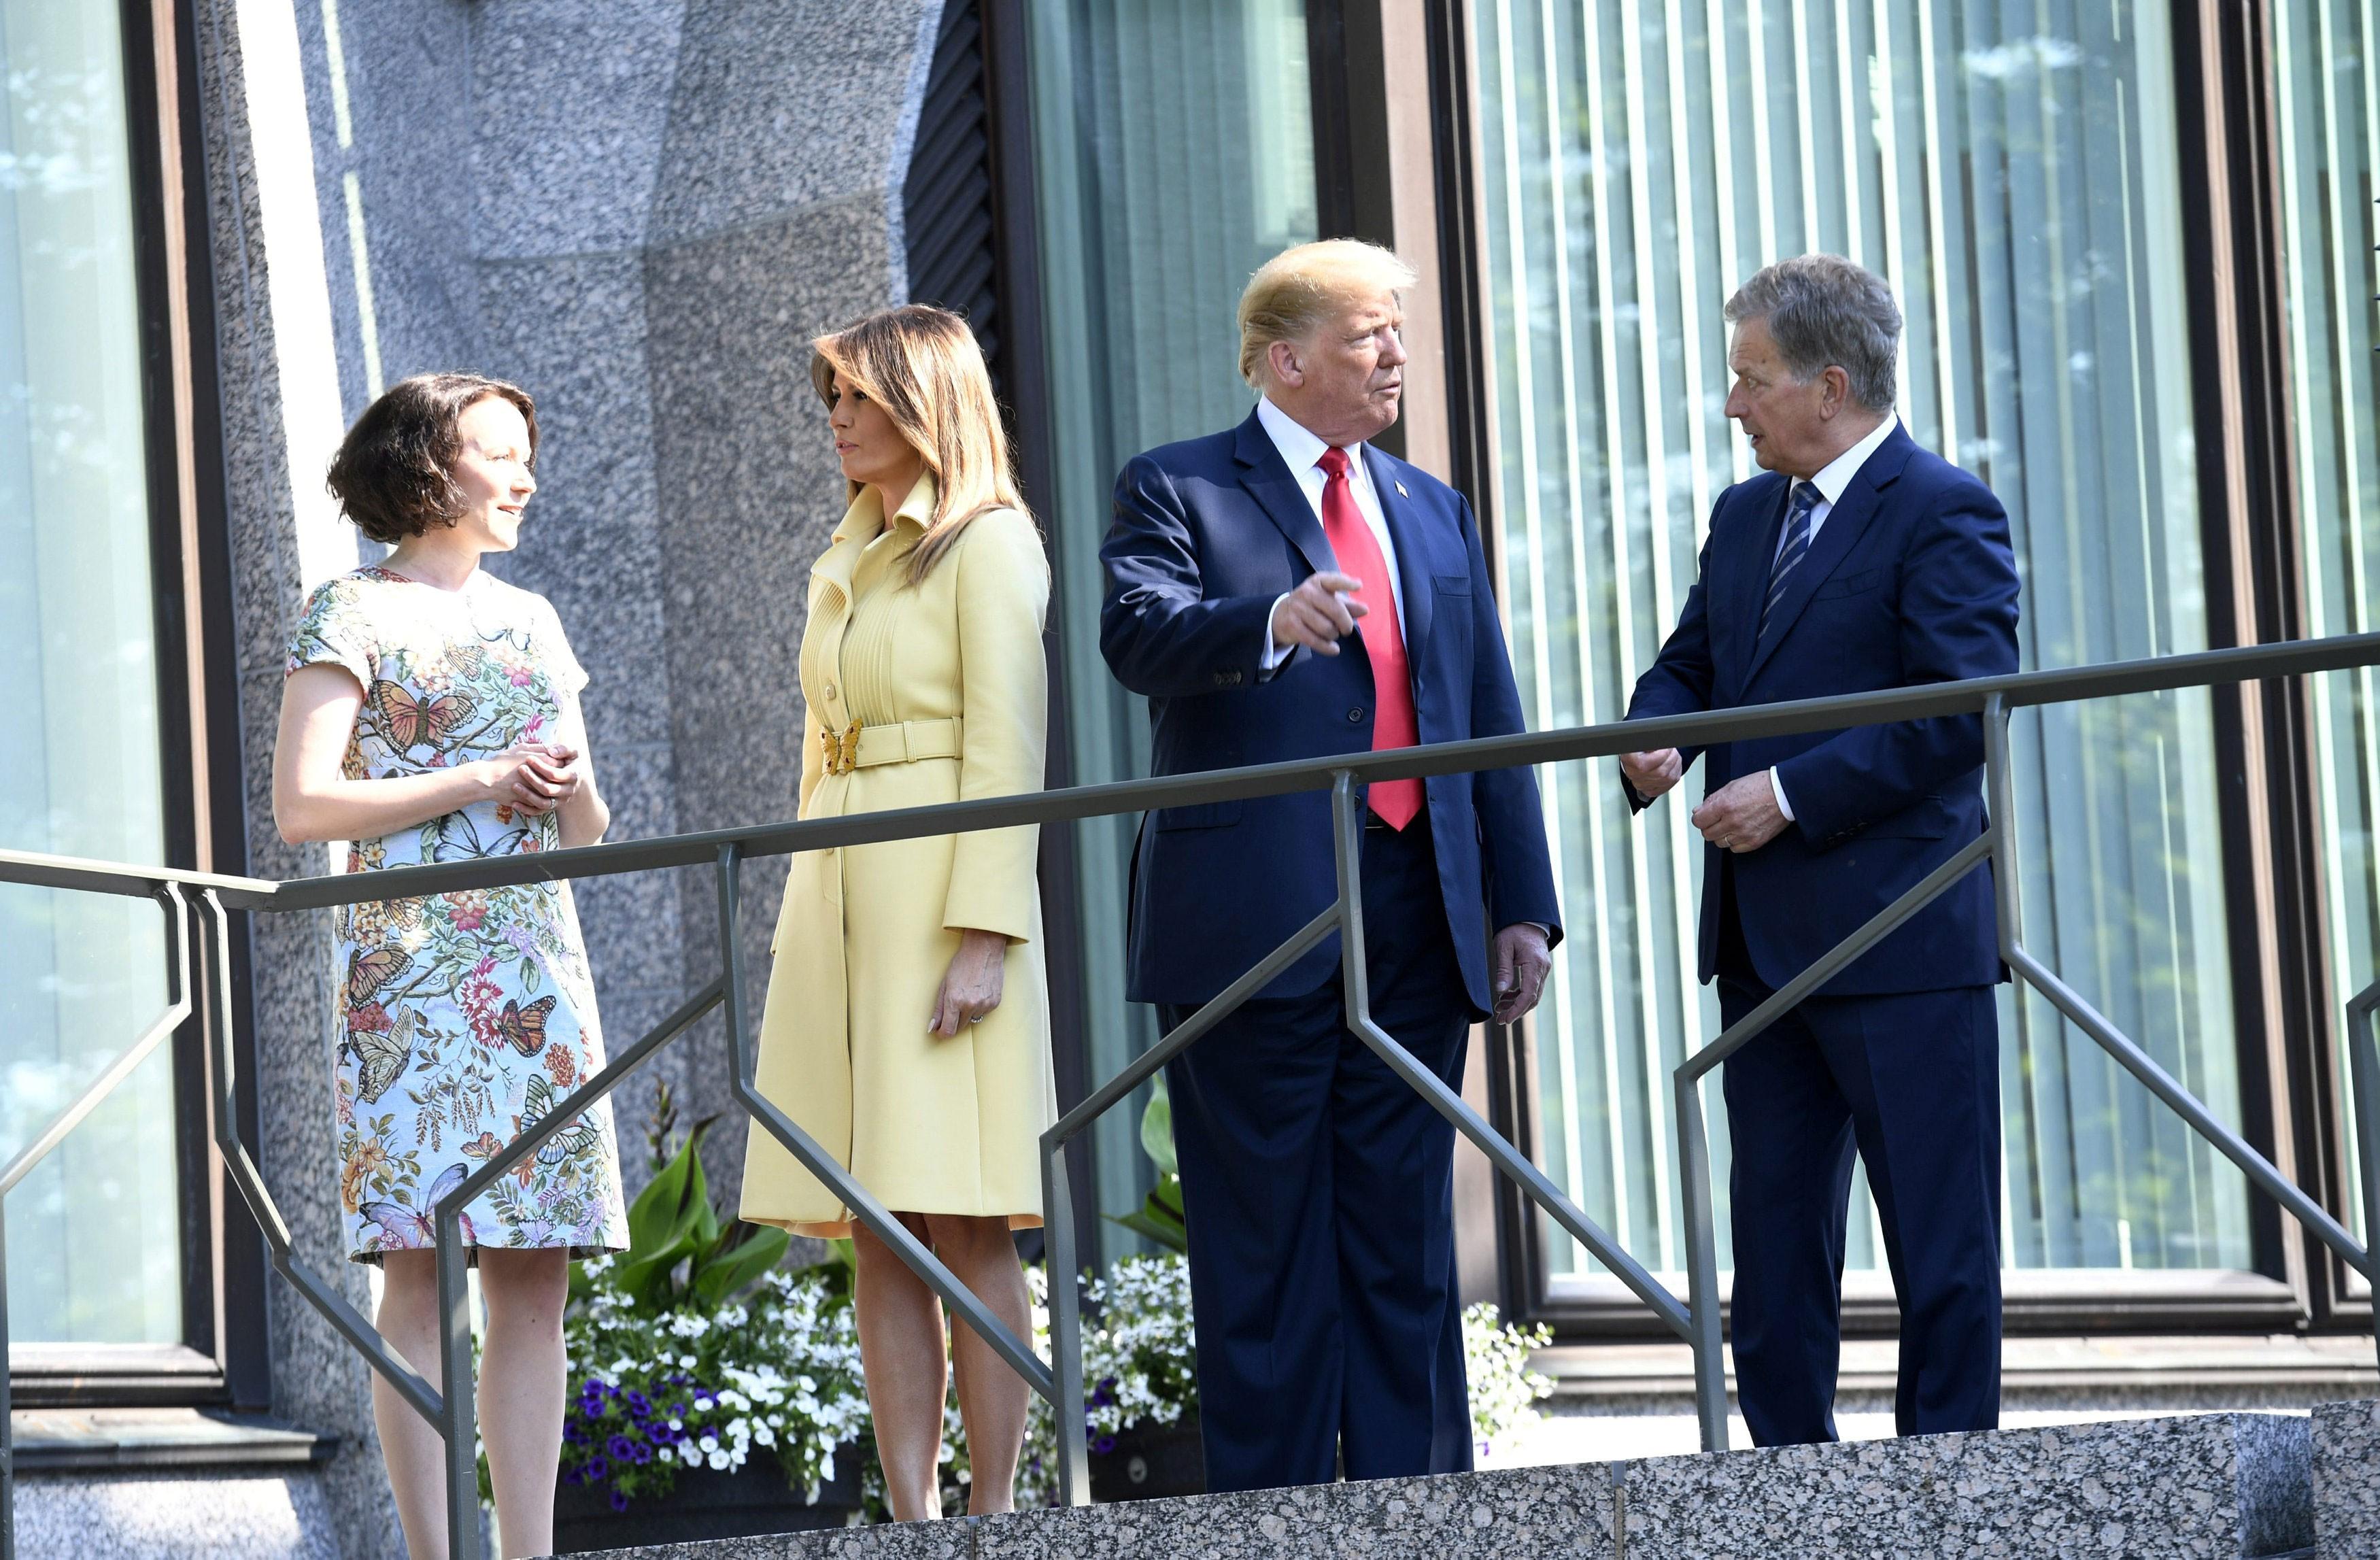 'Otan nunca foi tão forte', diz Trump em encontro com presidente finlandês